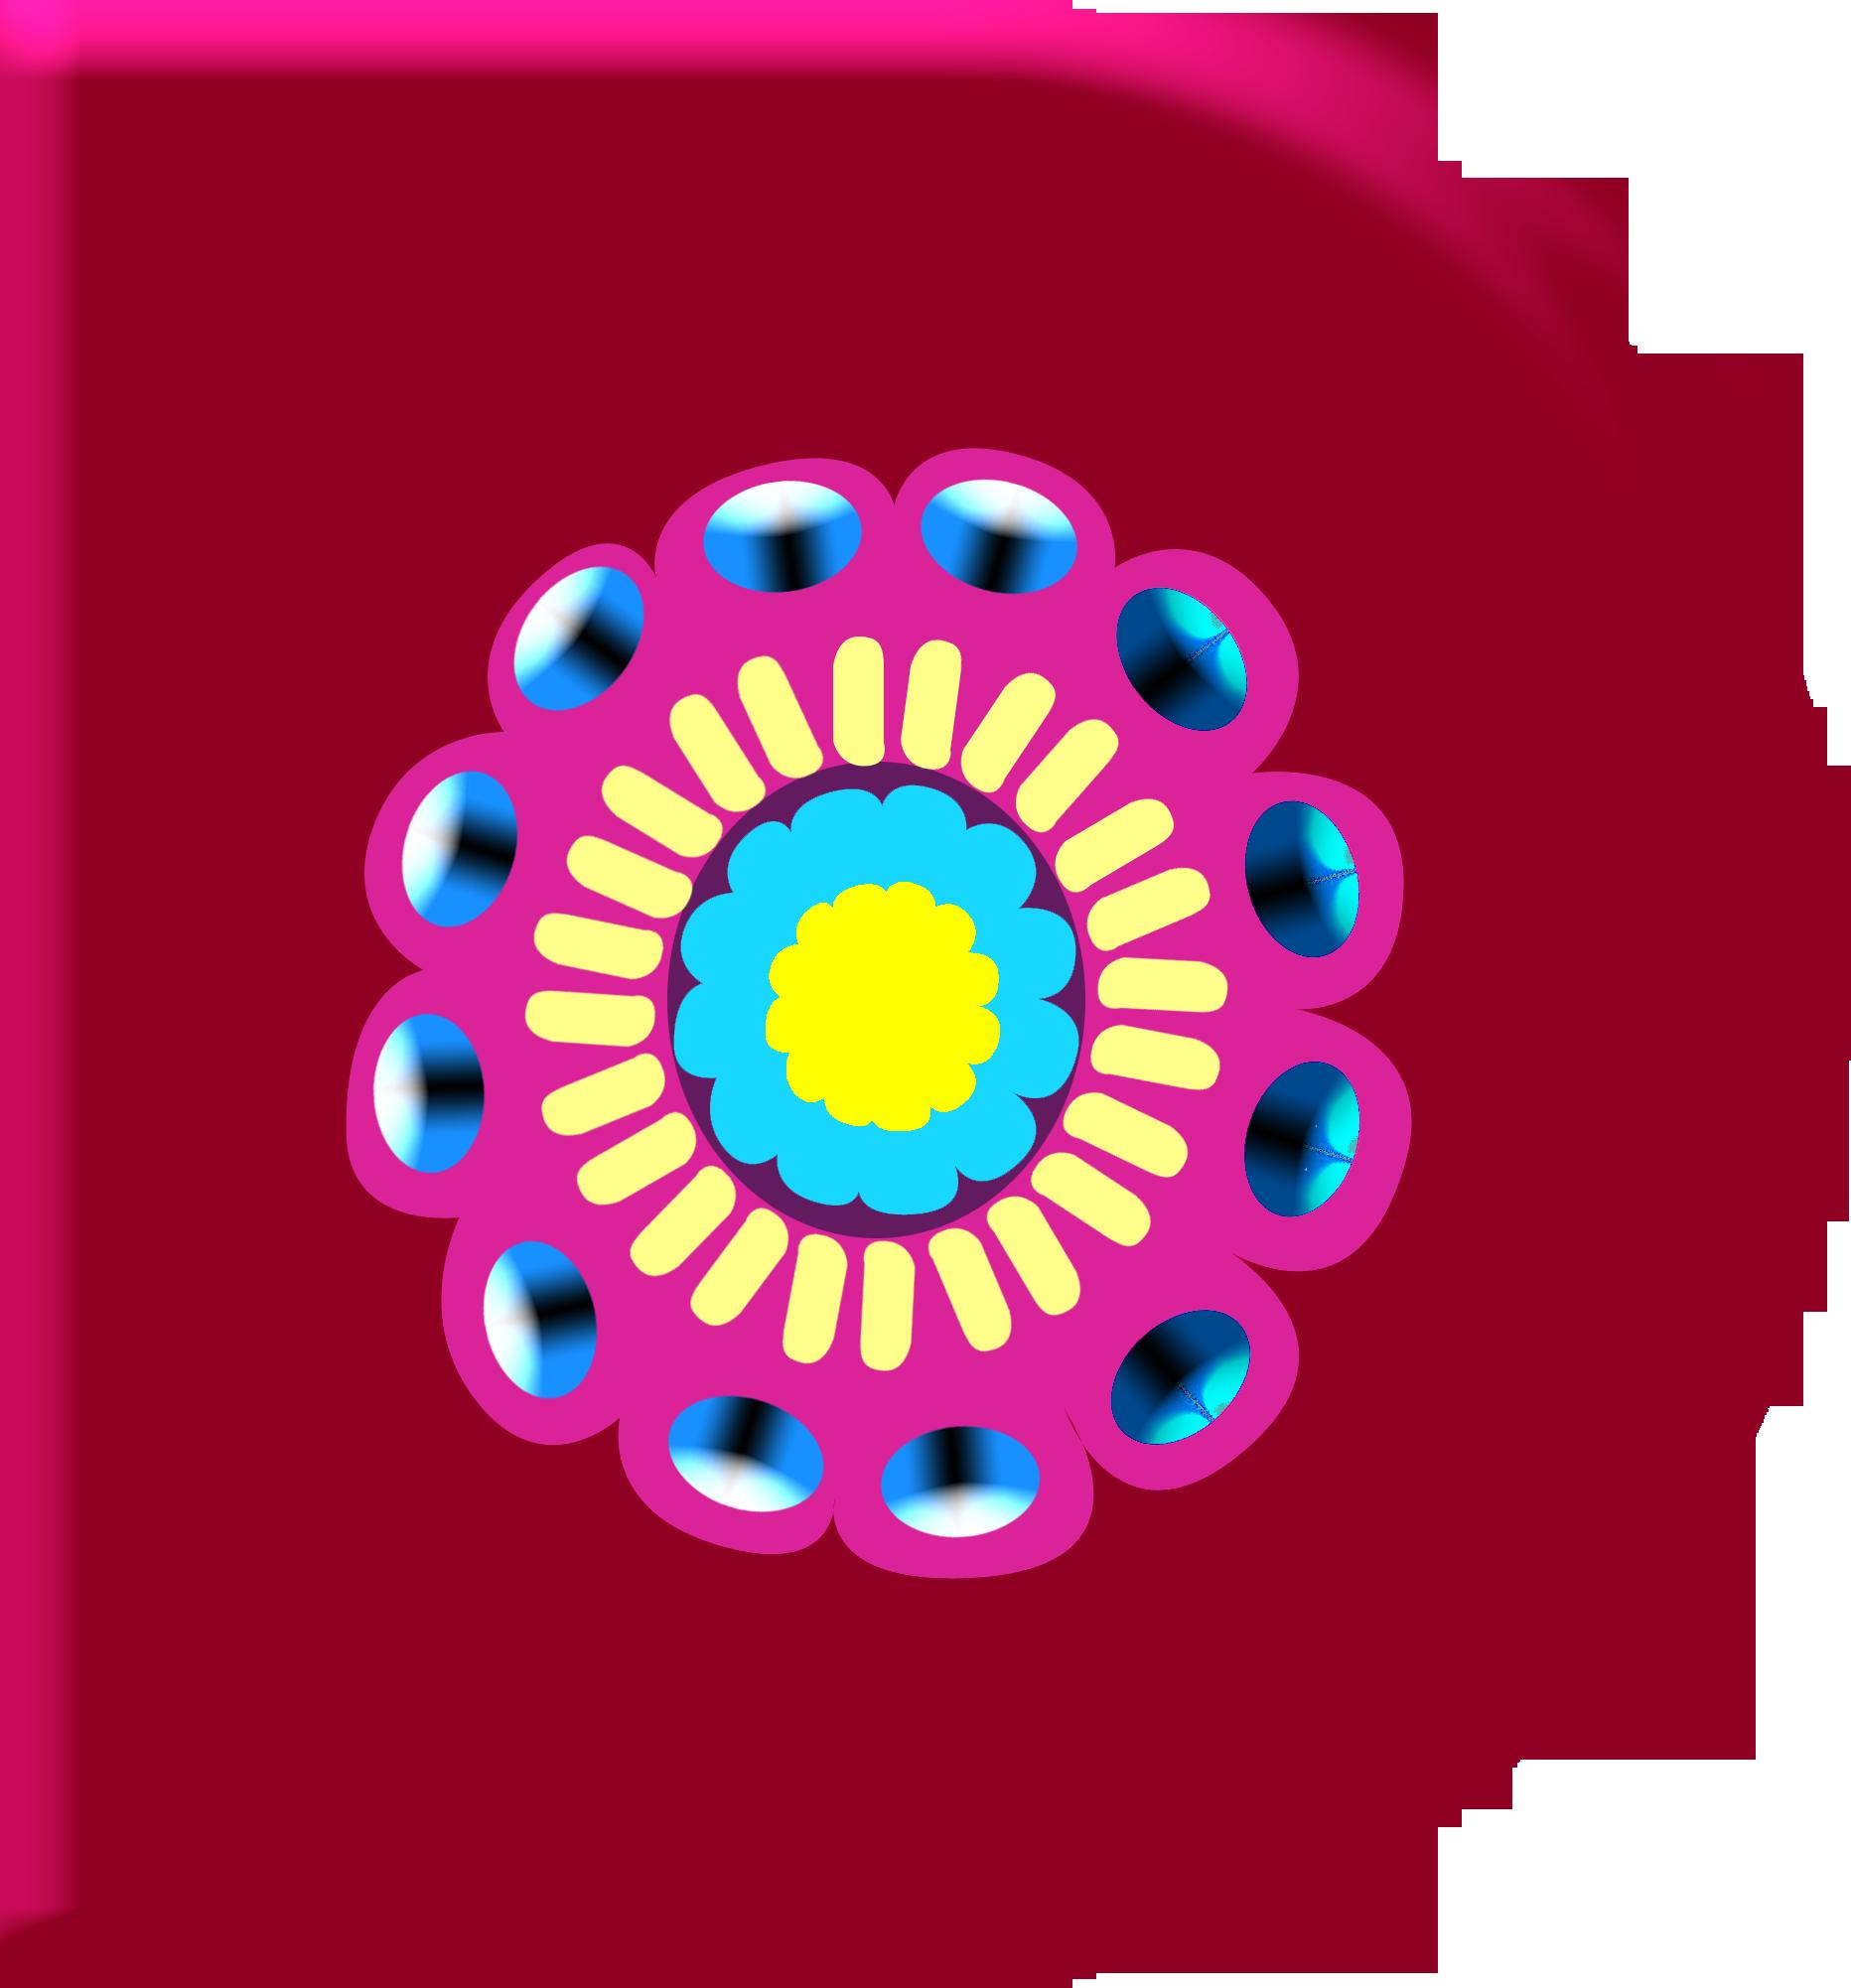 Домашний (анимационный логотип)